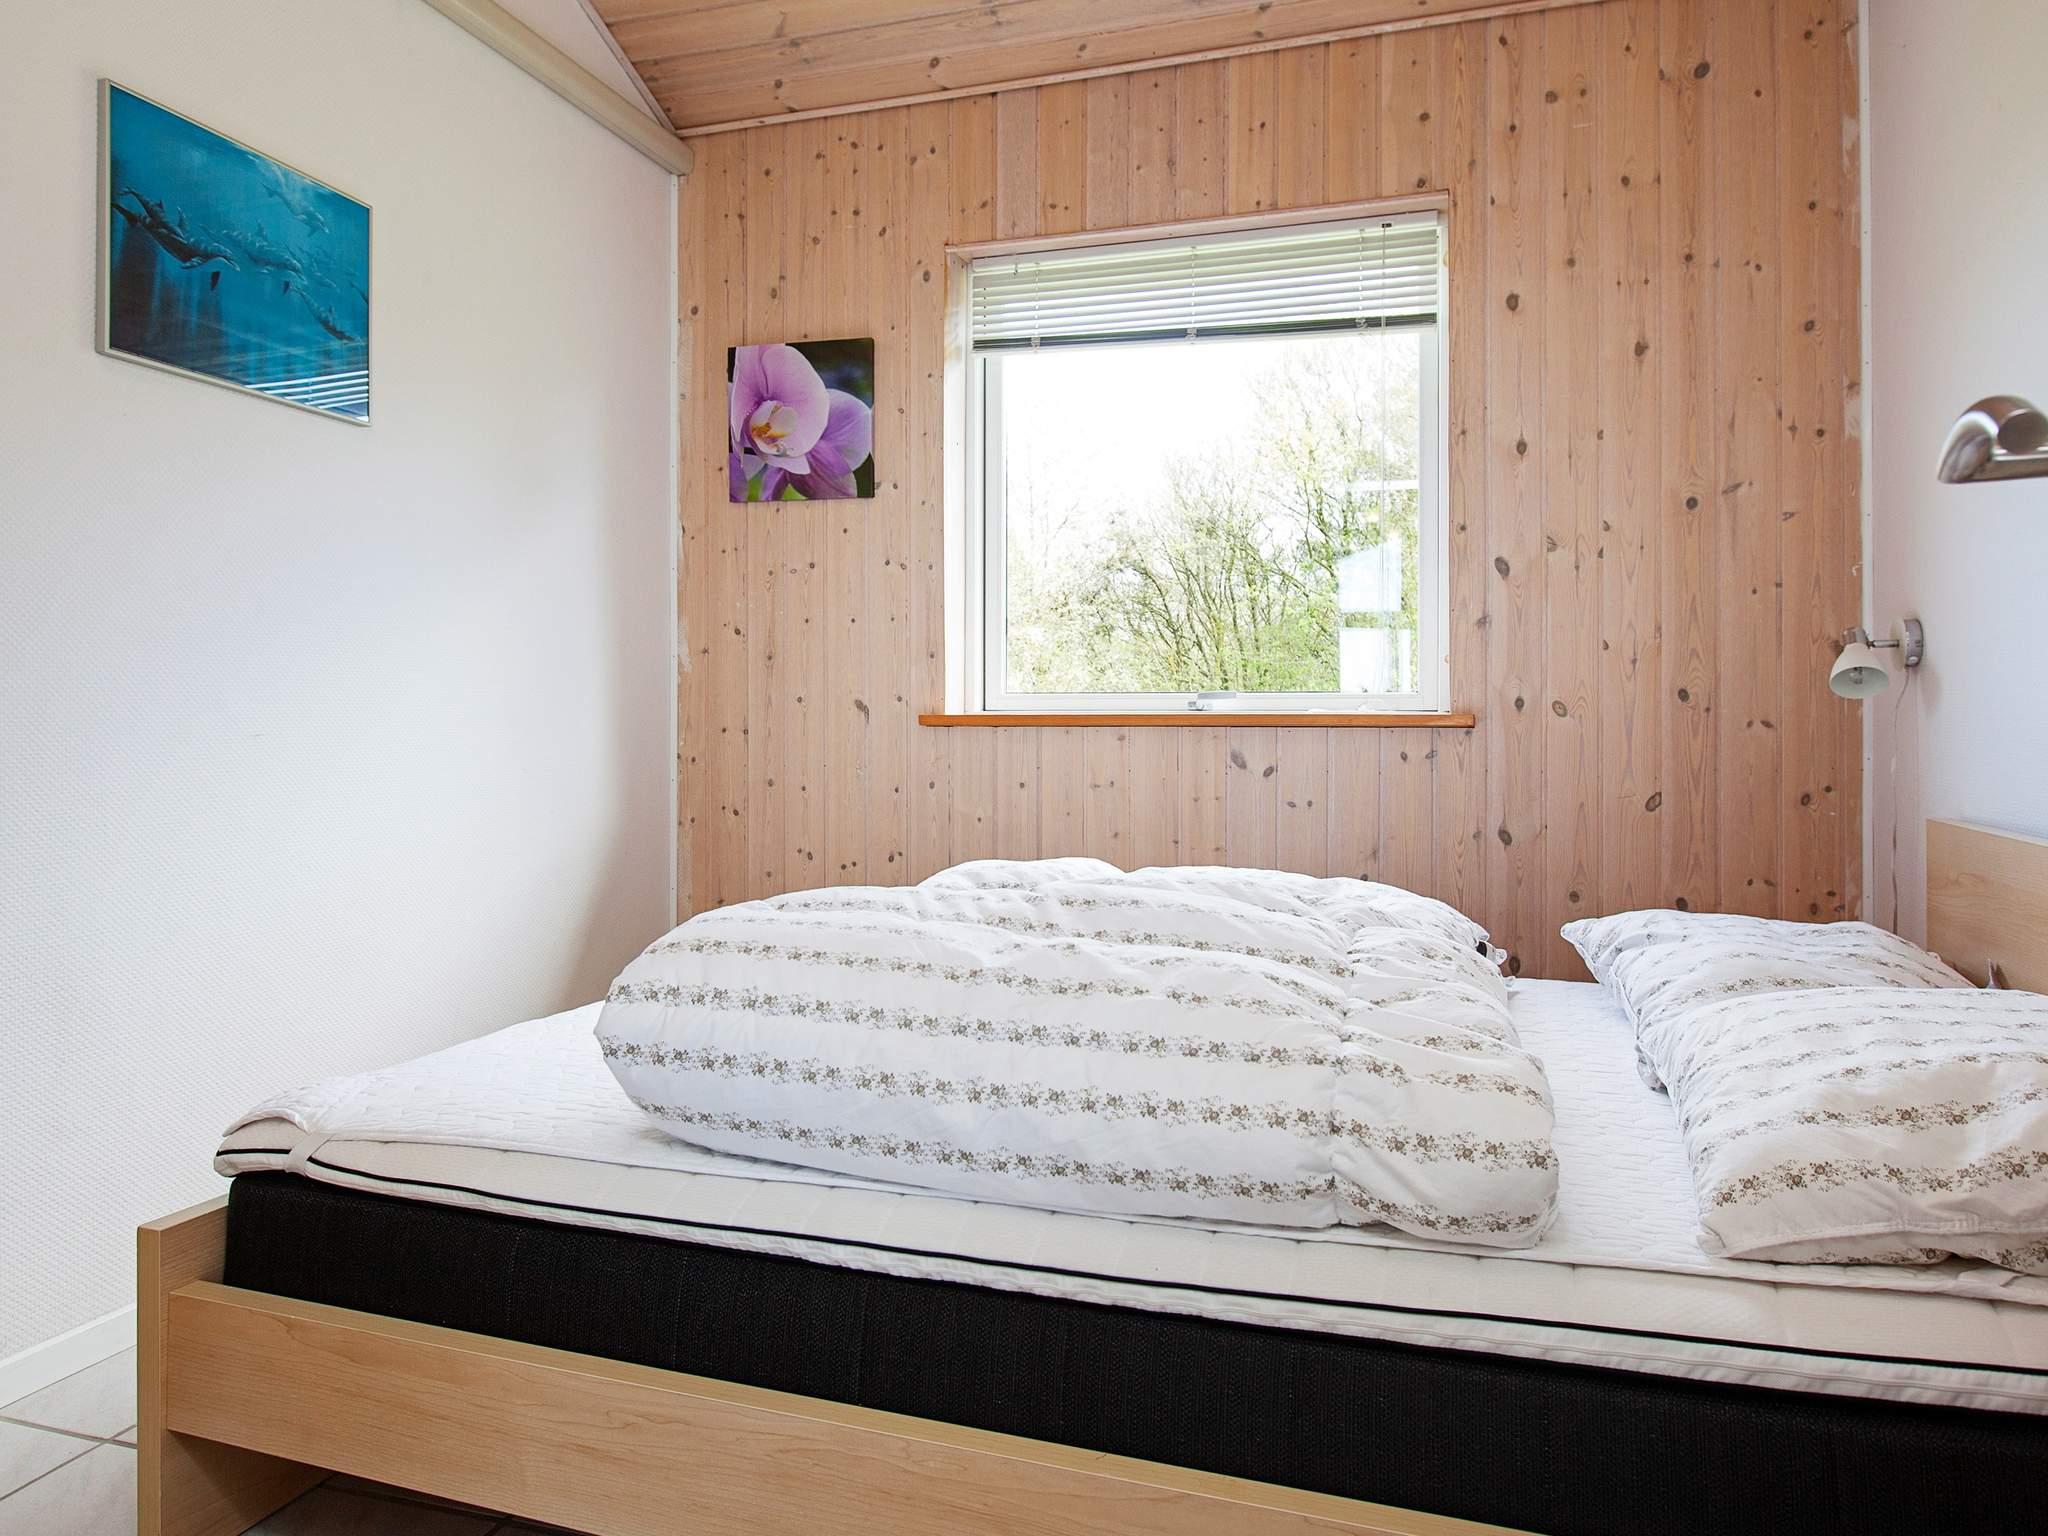 Ferienhaus Veddinge Bakker (2355598), Veddinge, , Westseeland, Dänemark, Bild 6